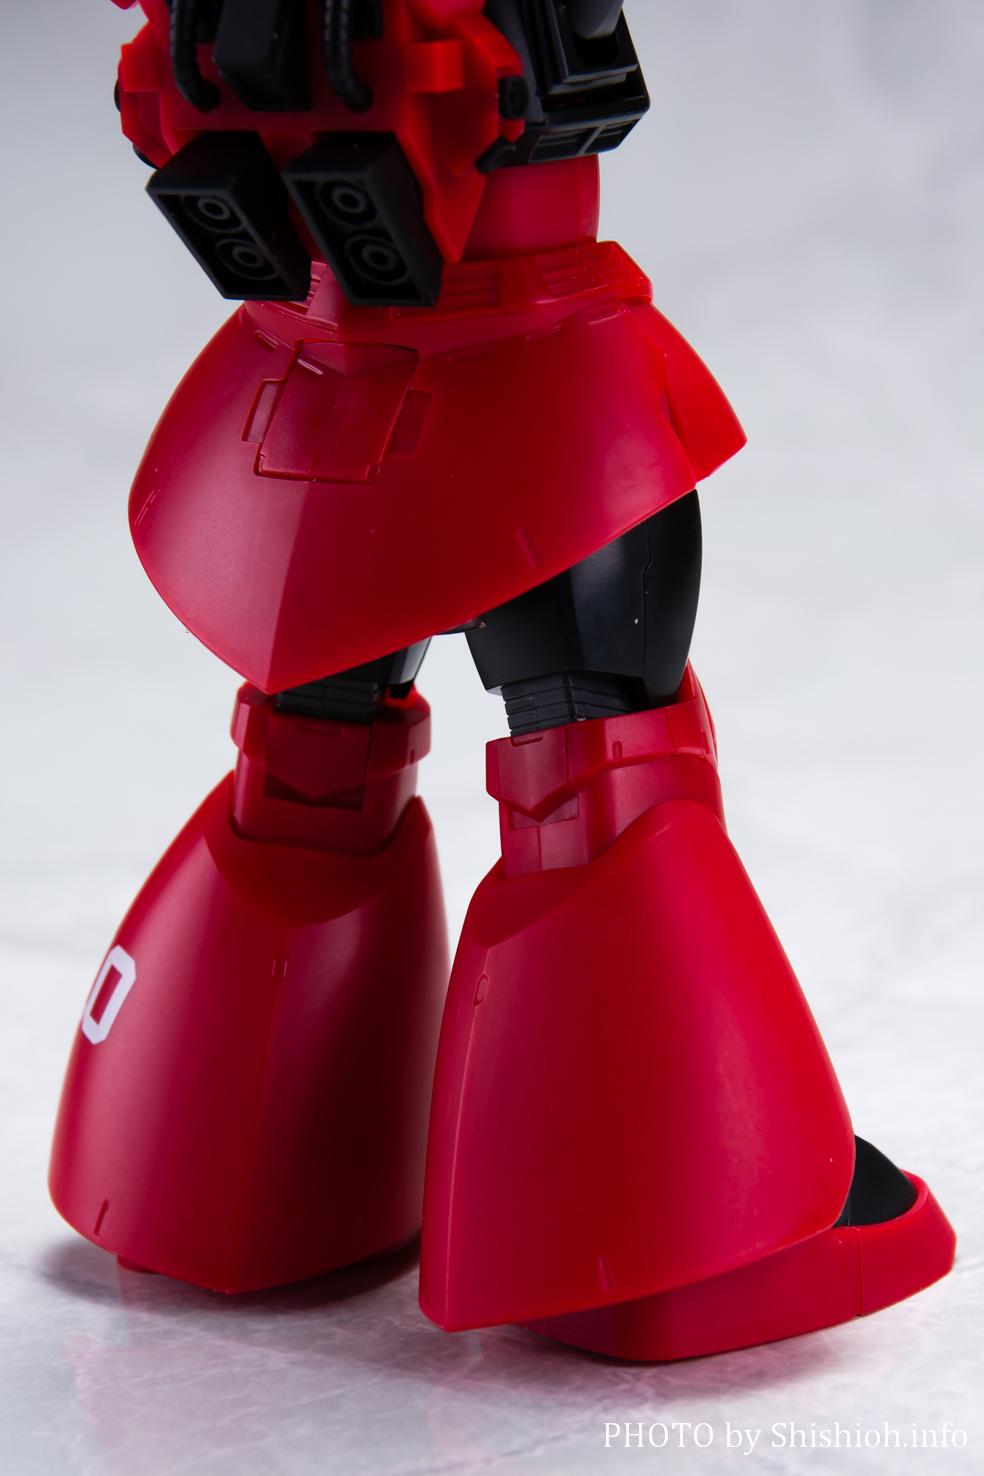 ROBOT魂 〈SIDE MS〉 MS-14B ジョニー・ライデン専用高機動型ゲルググ ver. A.N.I.M.E.